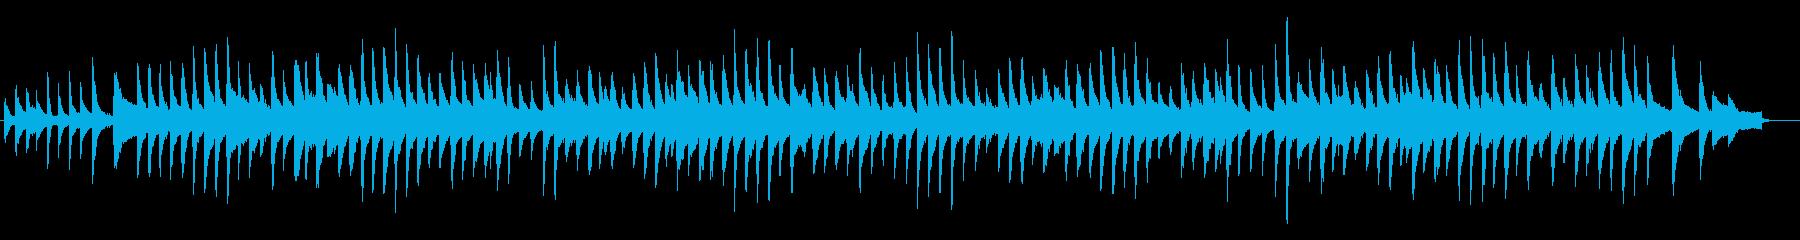 荒城の月・ピアノの再生済みの波形